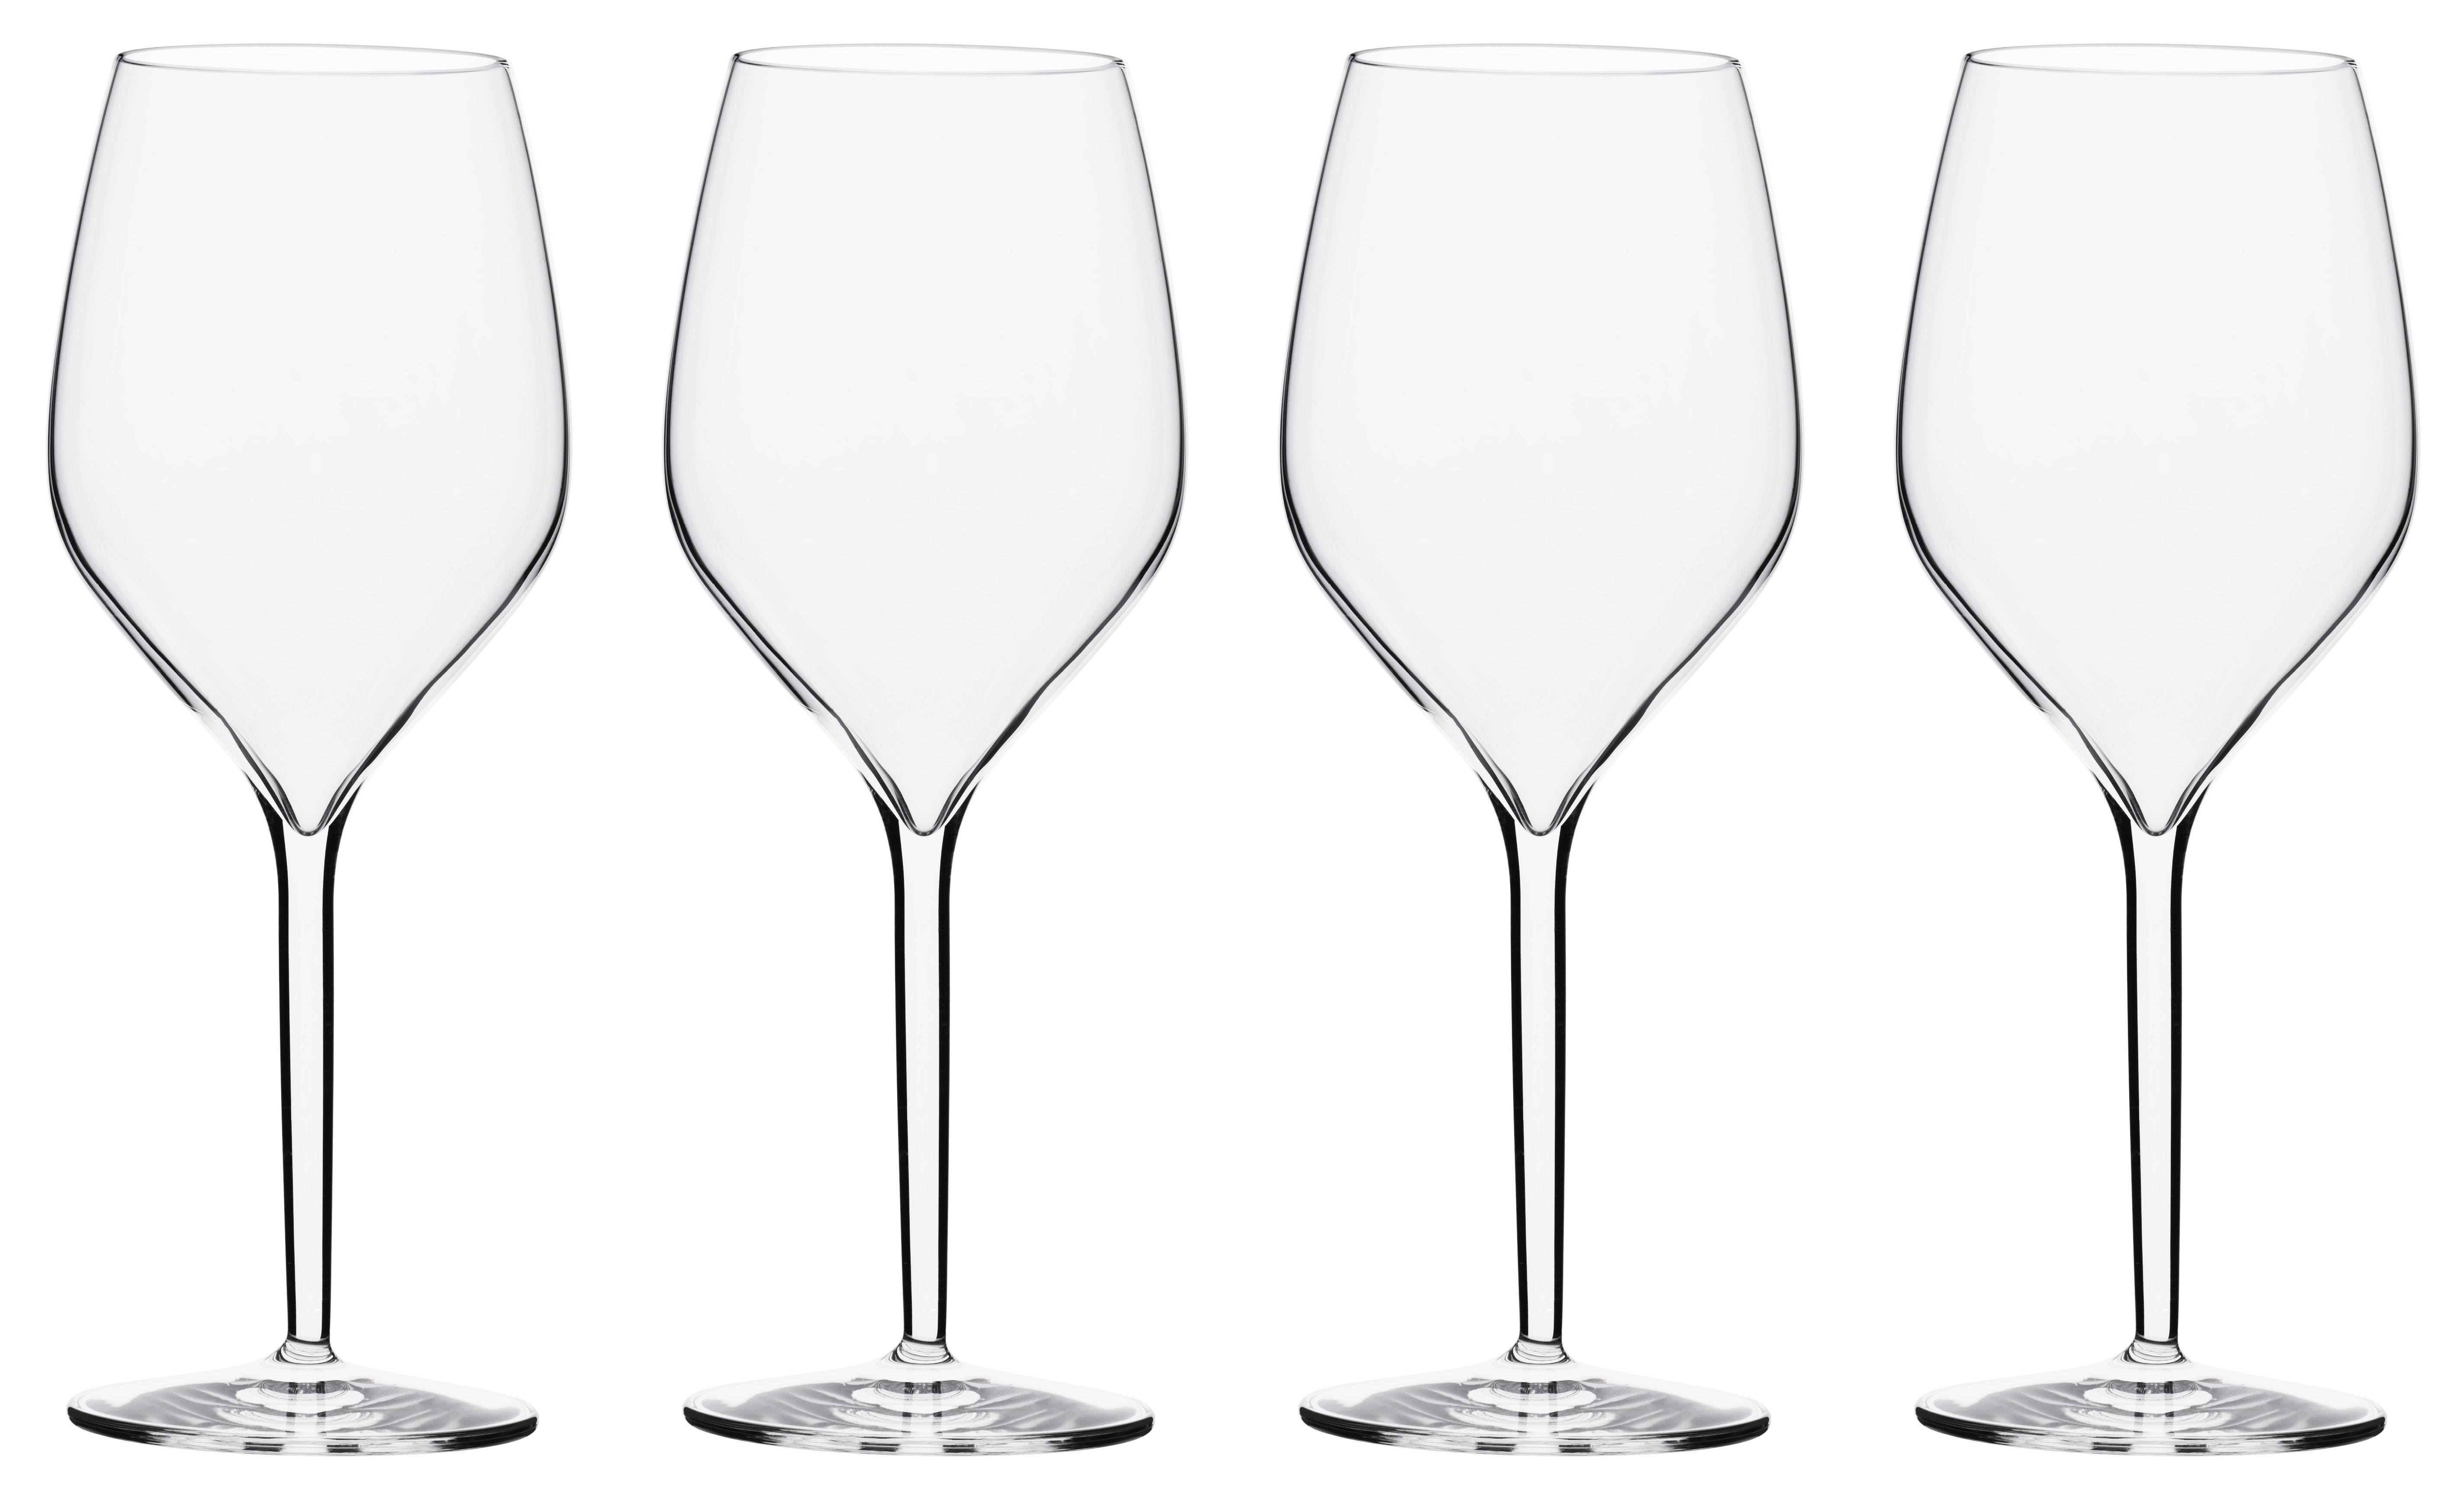 Tavola - Bicchieri  - Bicchiere da vino Vertical Large - lotto da 4 - 50 cl di Italesse - Per vino rosso o bianco / 50 cl - Vetro